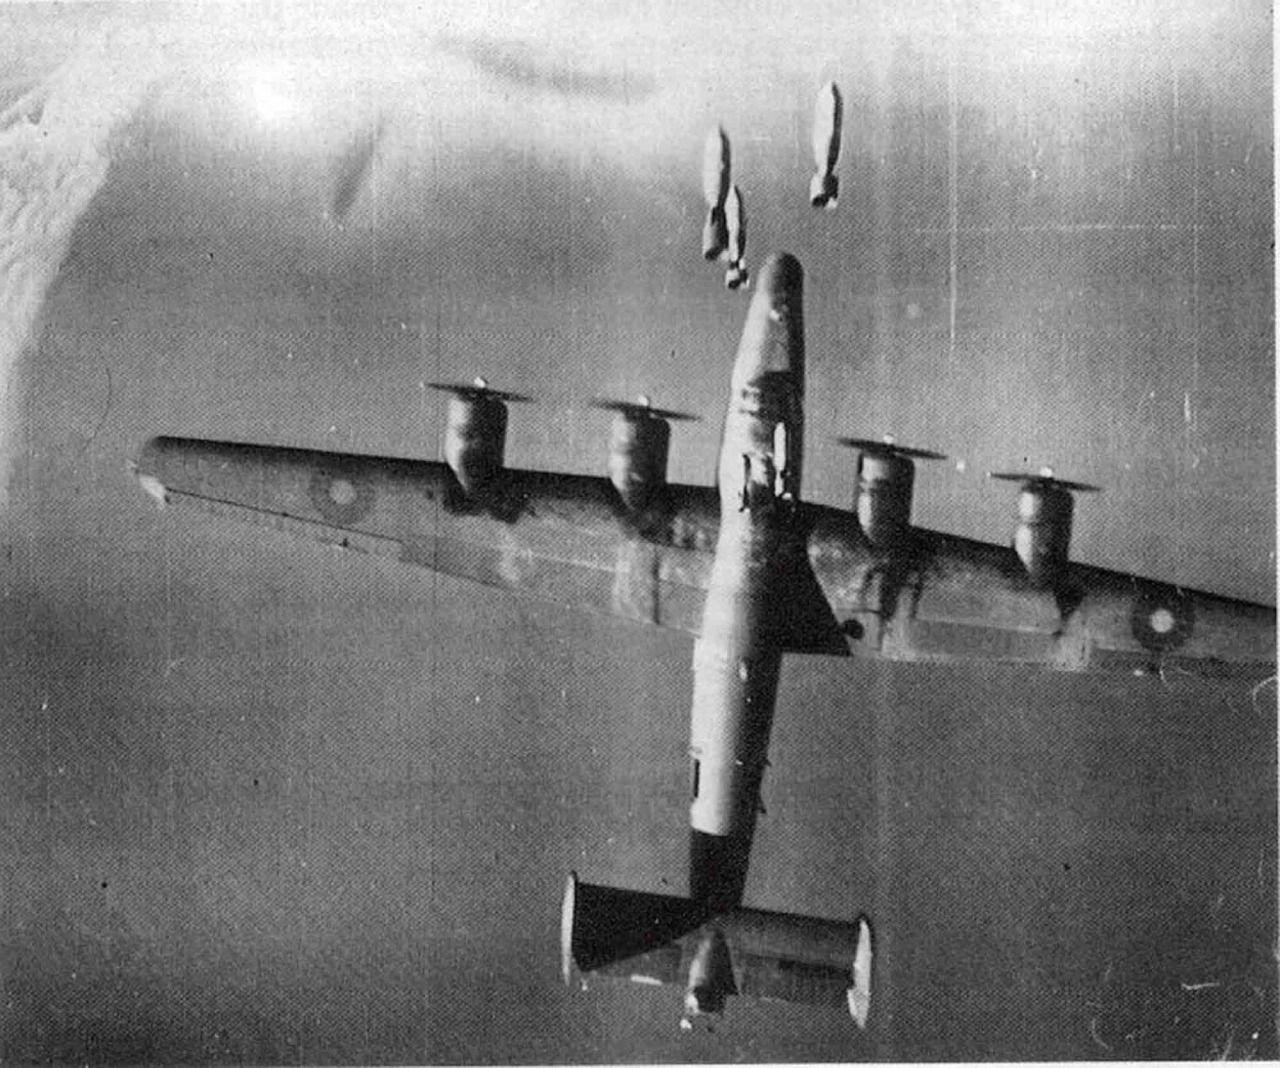 b 24 liberator bomber under friendly fire air war in europe and b 24 liberator bomber under friendly fire